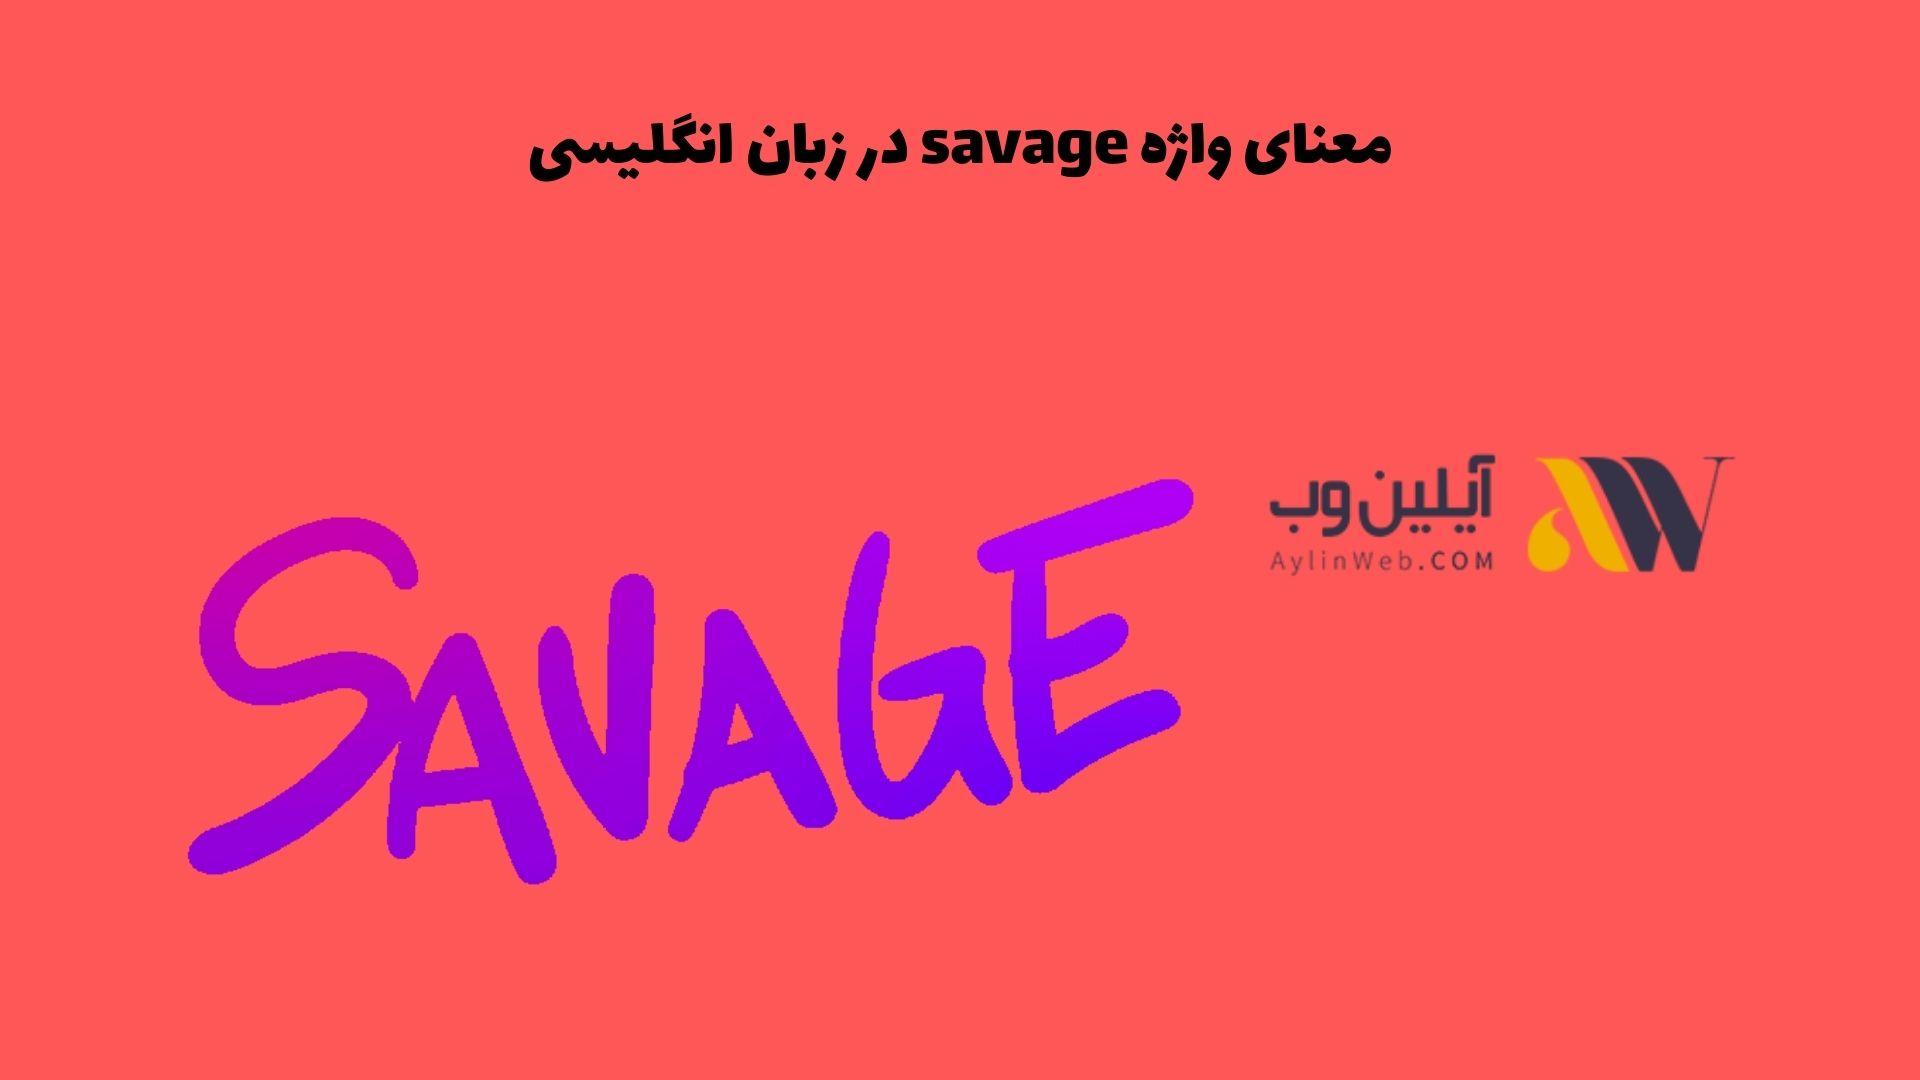 معنای واژه savage در زبان انگلیسی